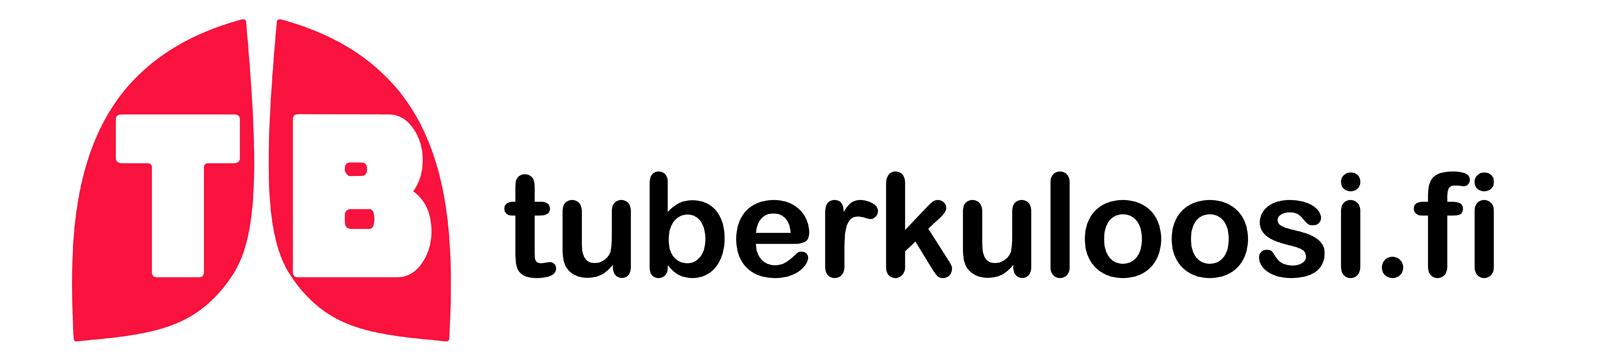 tuberkuloosi.fi -logo (jpg)